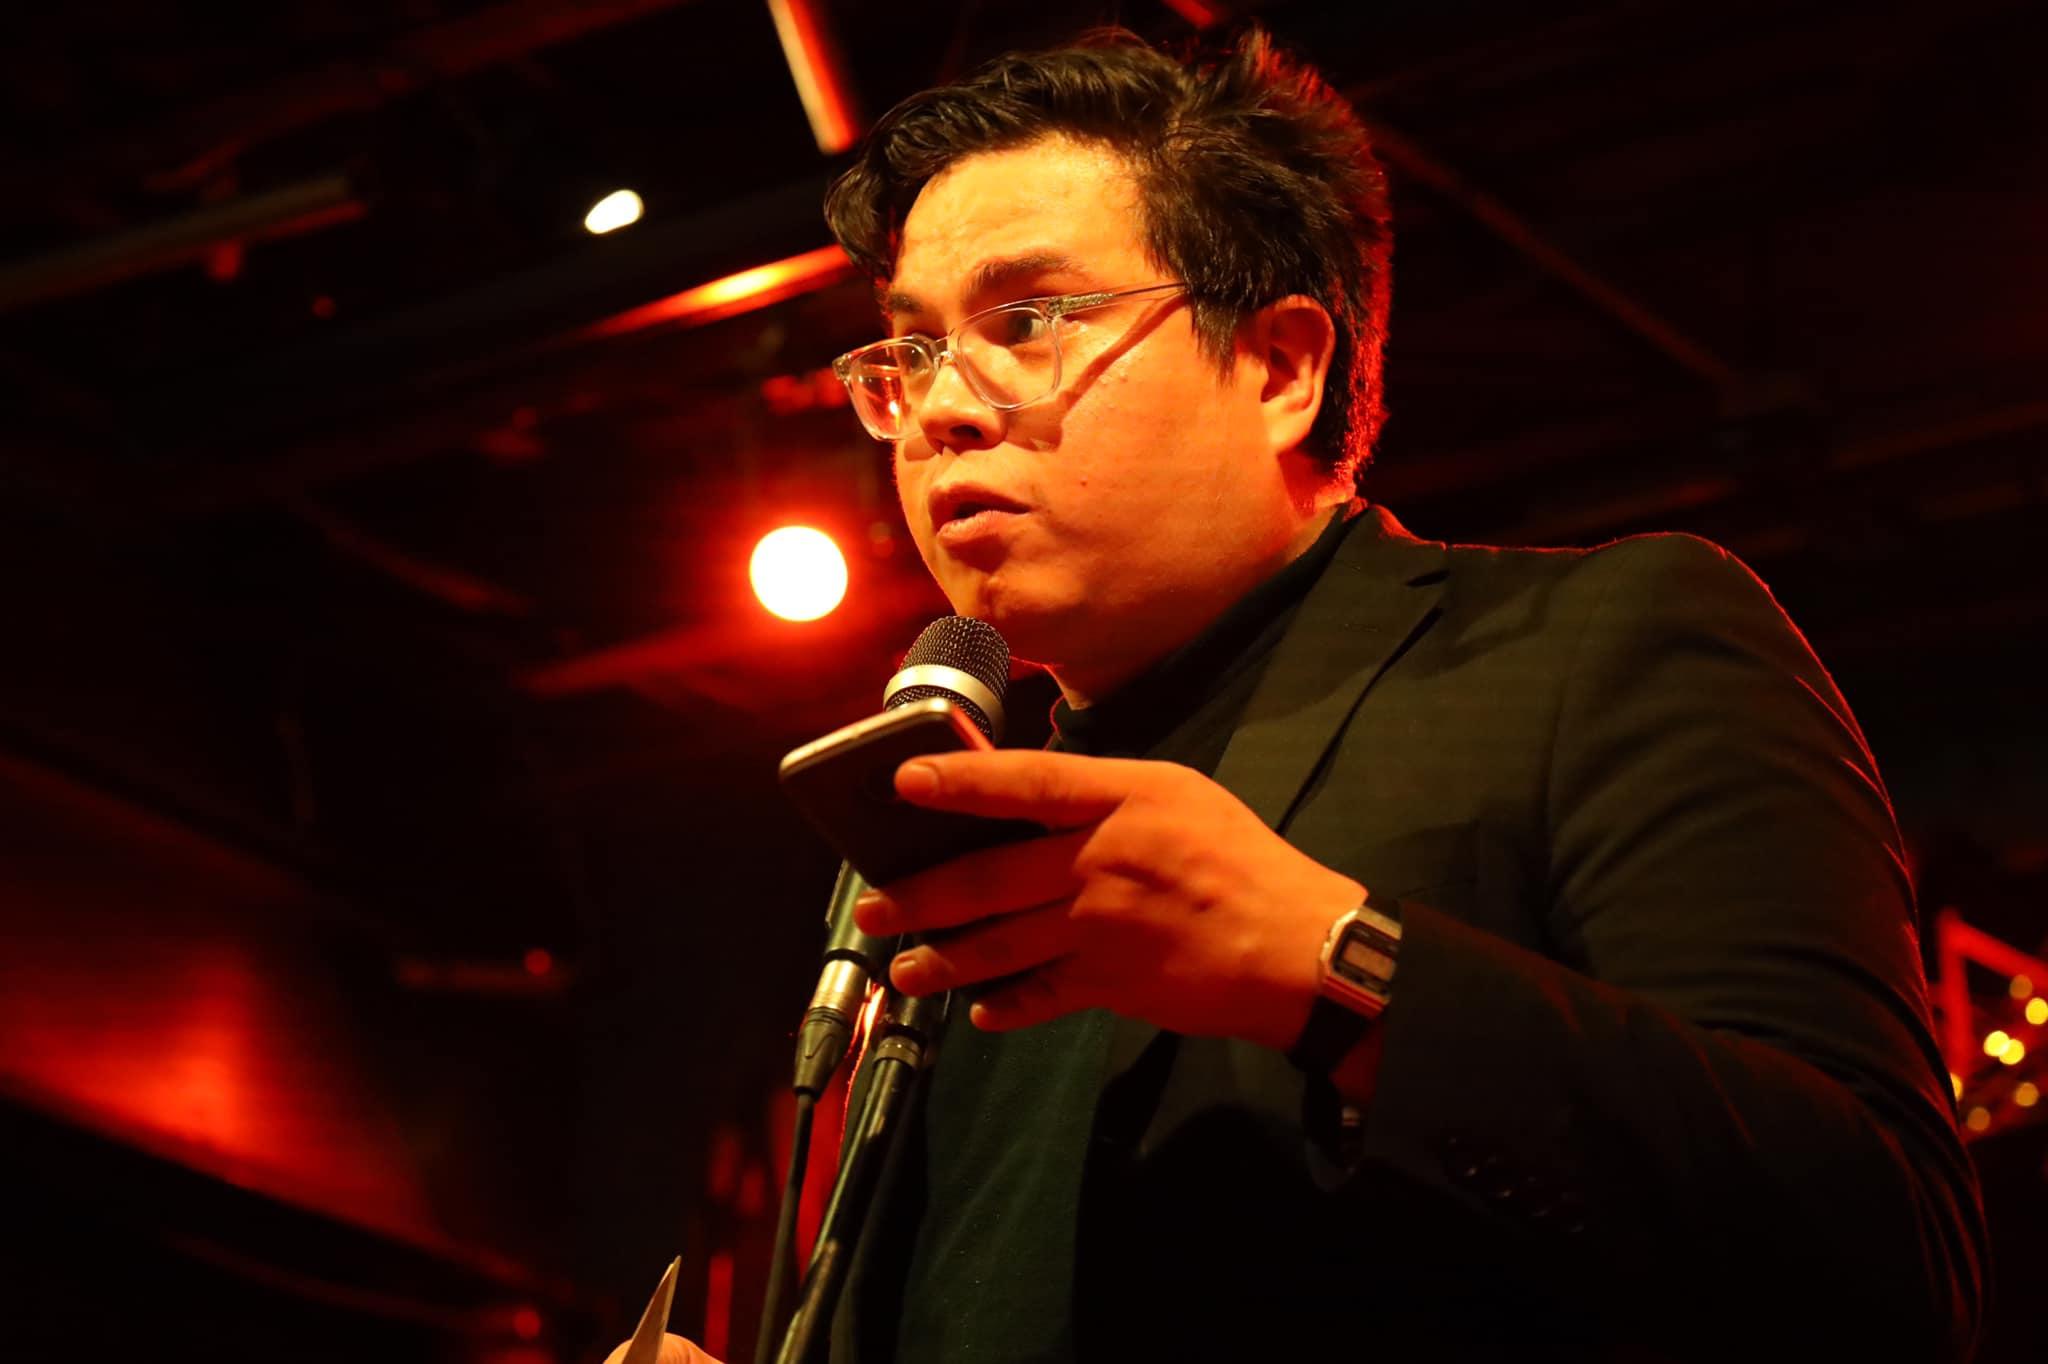 Sebastian Páramo; photo by Lee Green